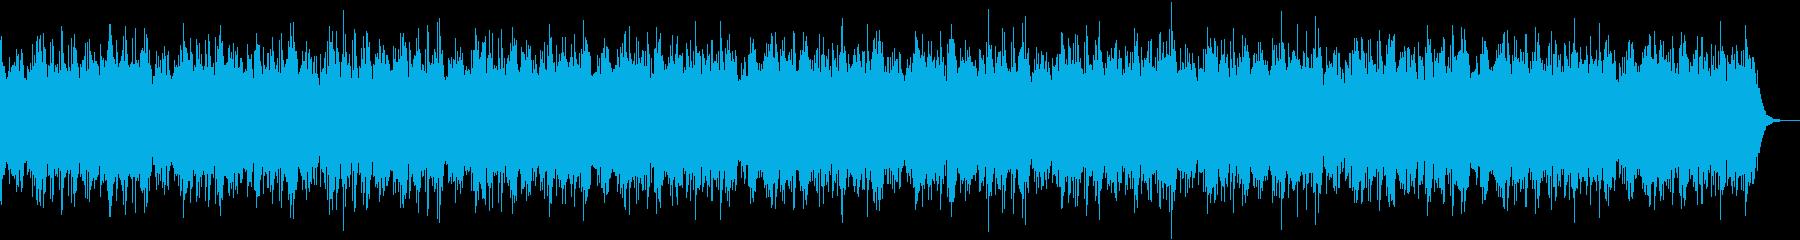 壮大・オーケストラ・エンディング企業VPの再生済みの波形